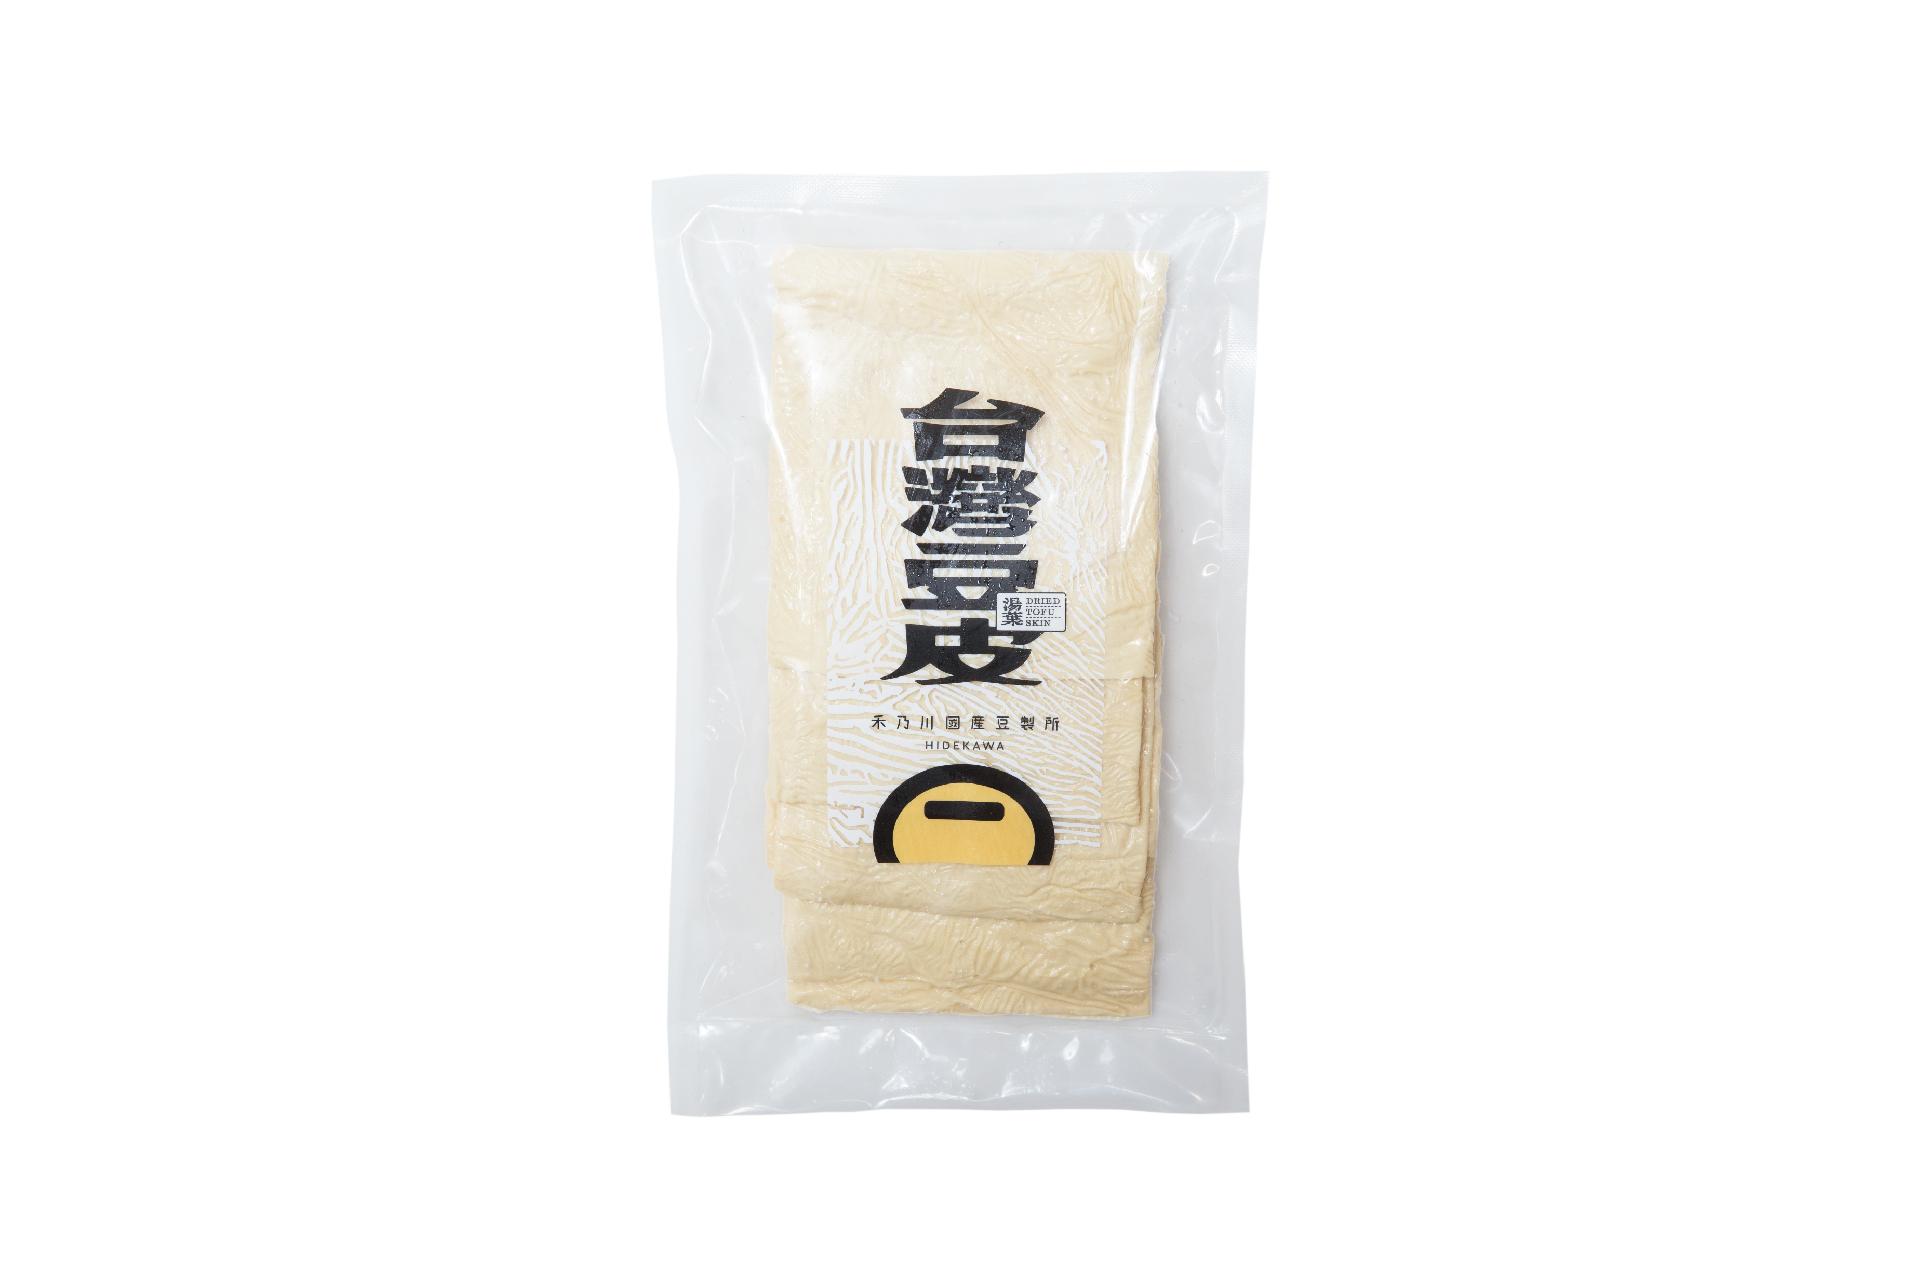 台灣手工豆皮 - 全手工撈製而成 | 禾乃川國產豆製所 | 改變生命的豆漿店